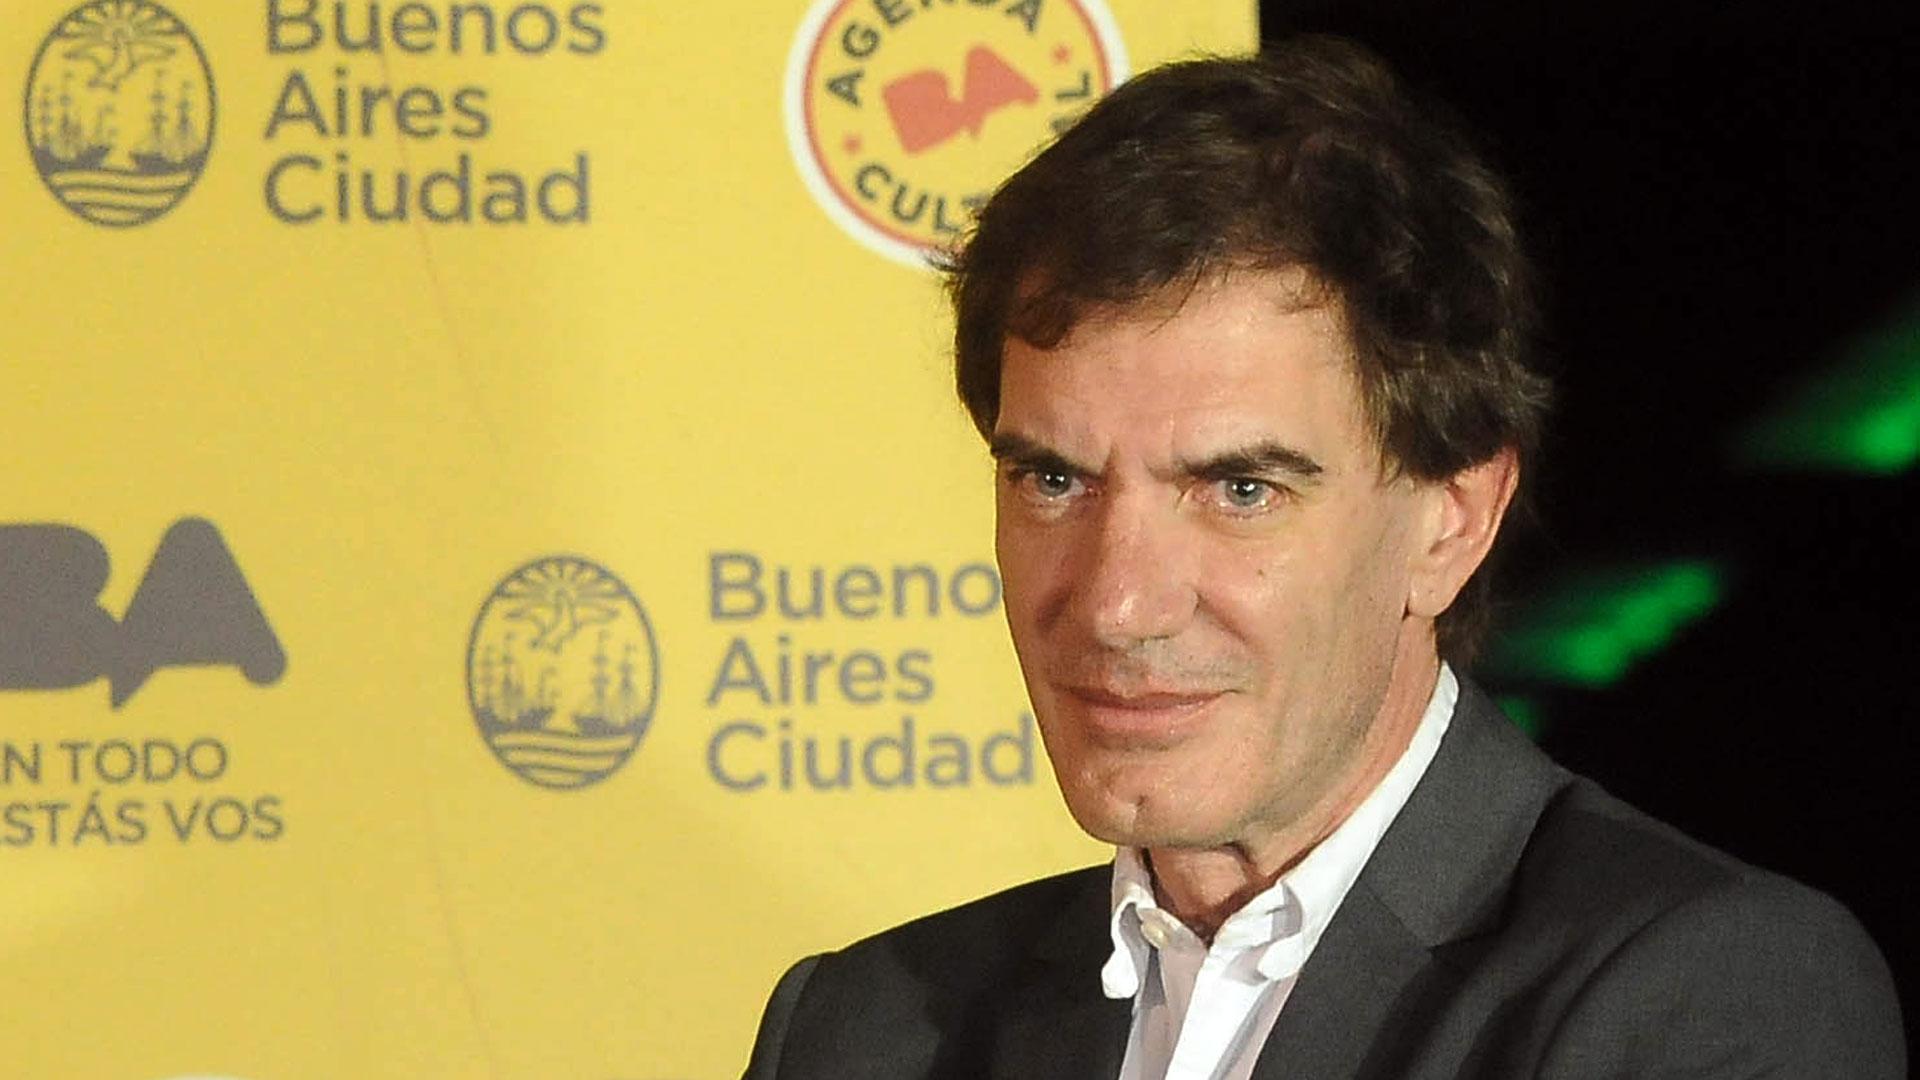 Darío Lopérfido ocupó tres cargos para Cambiemos: director del Teatro Colón, ministro de Cultura y agregado cultural en Alemania (Télam)